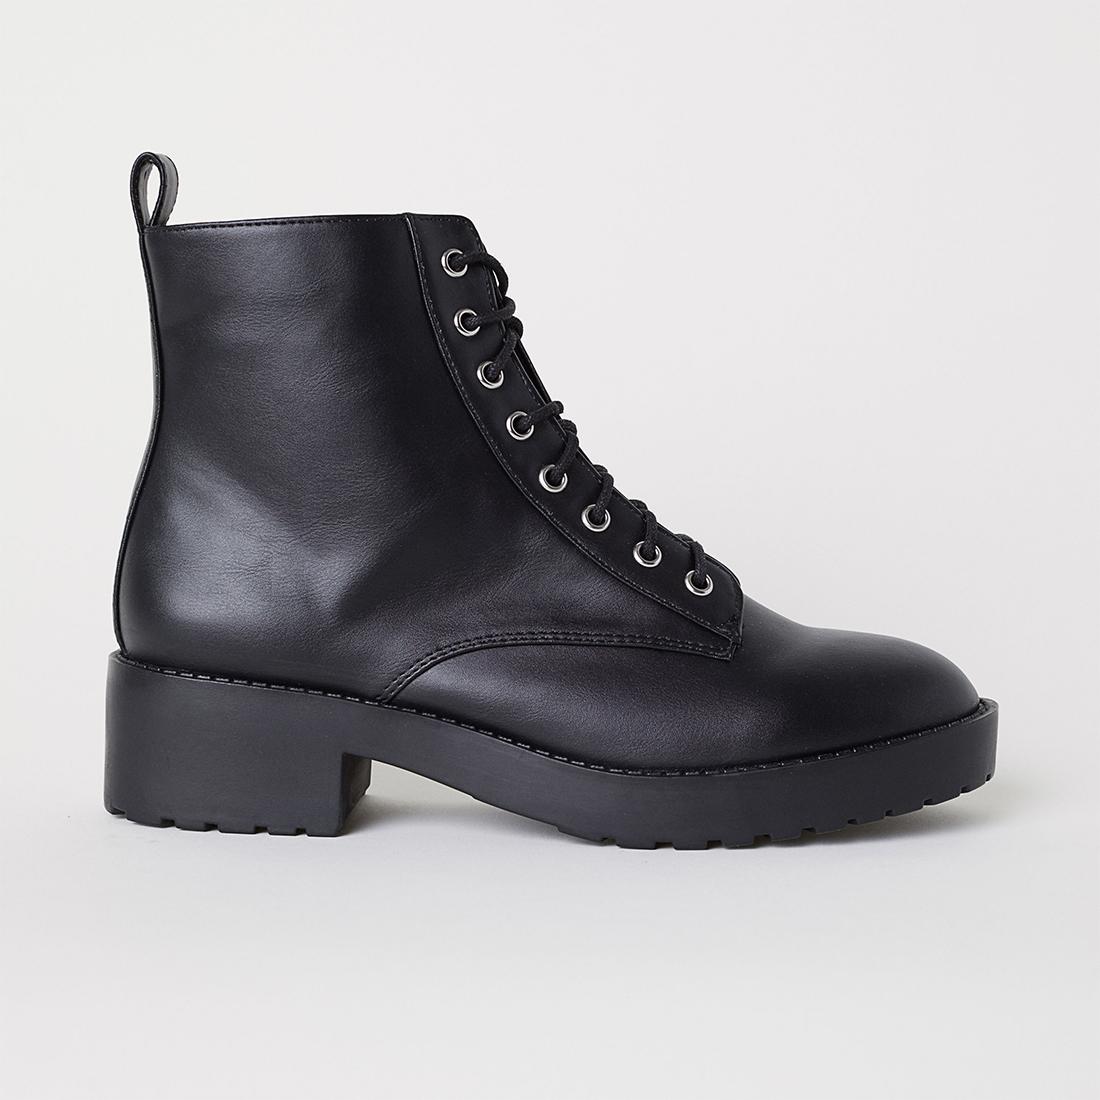 H&M, £24.99